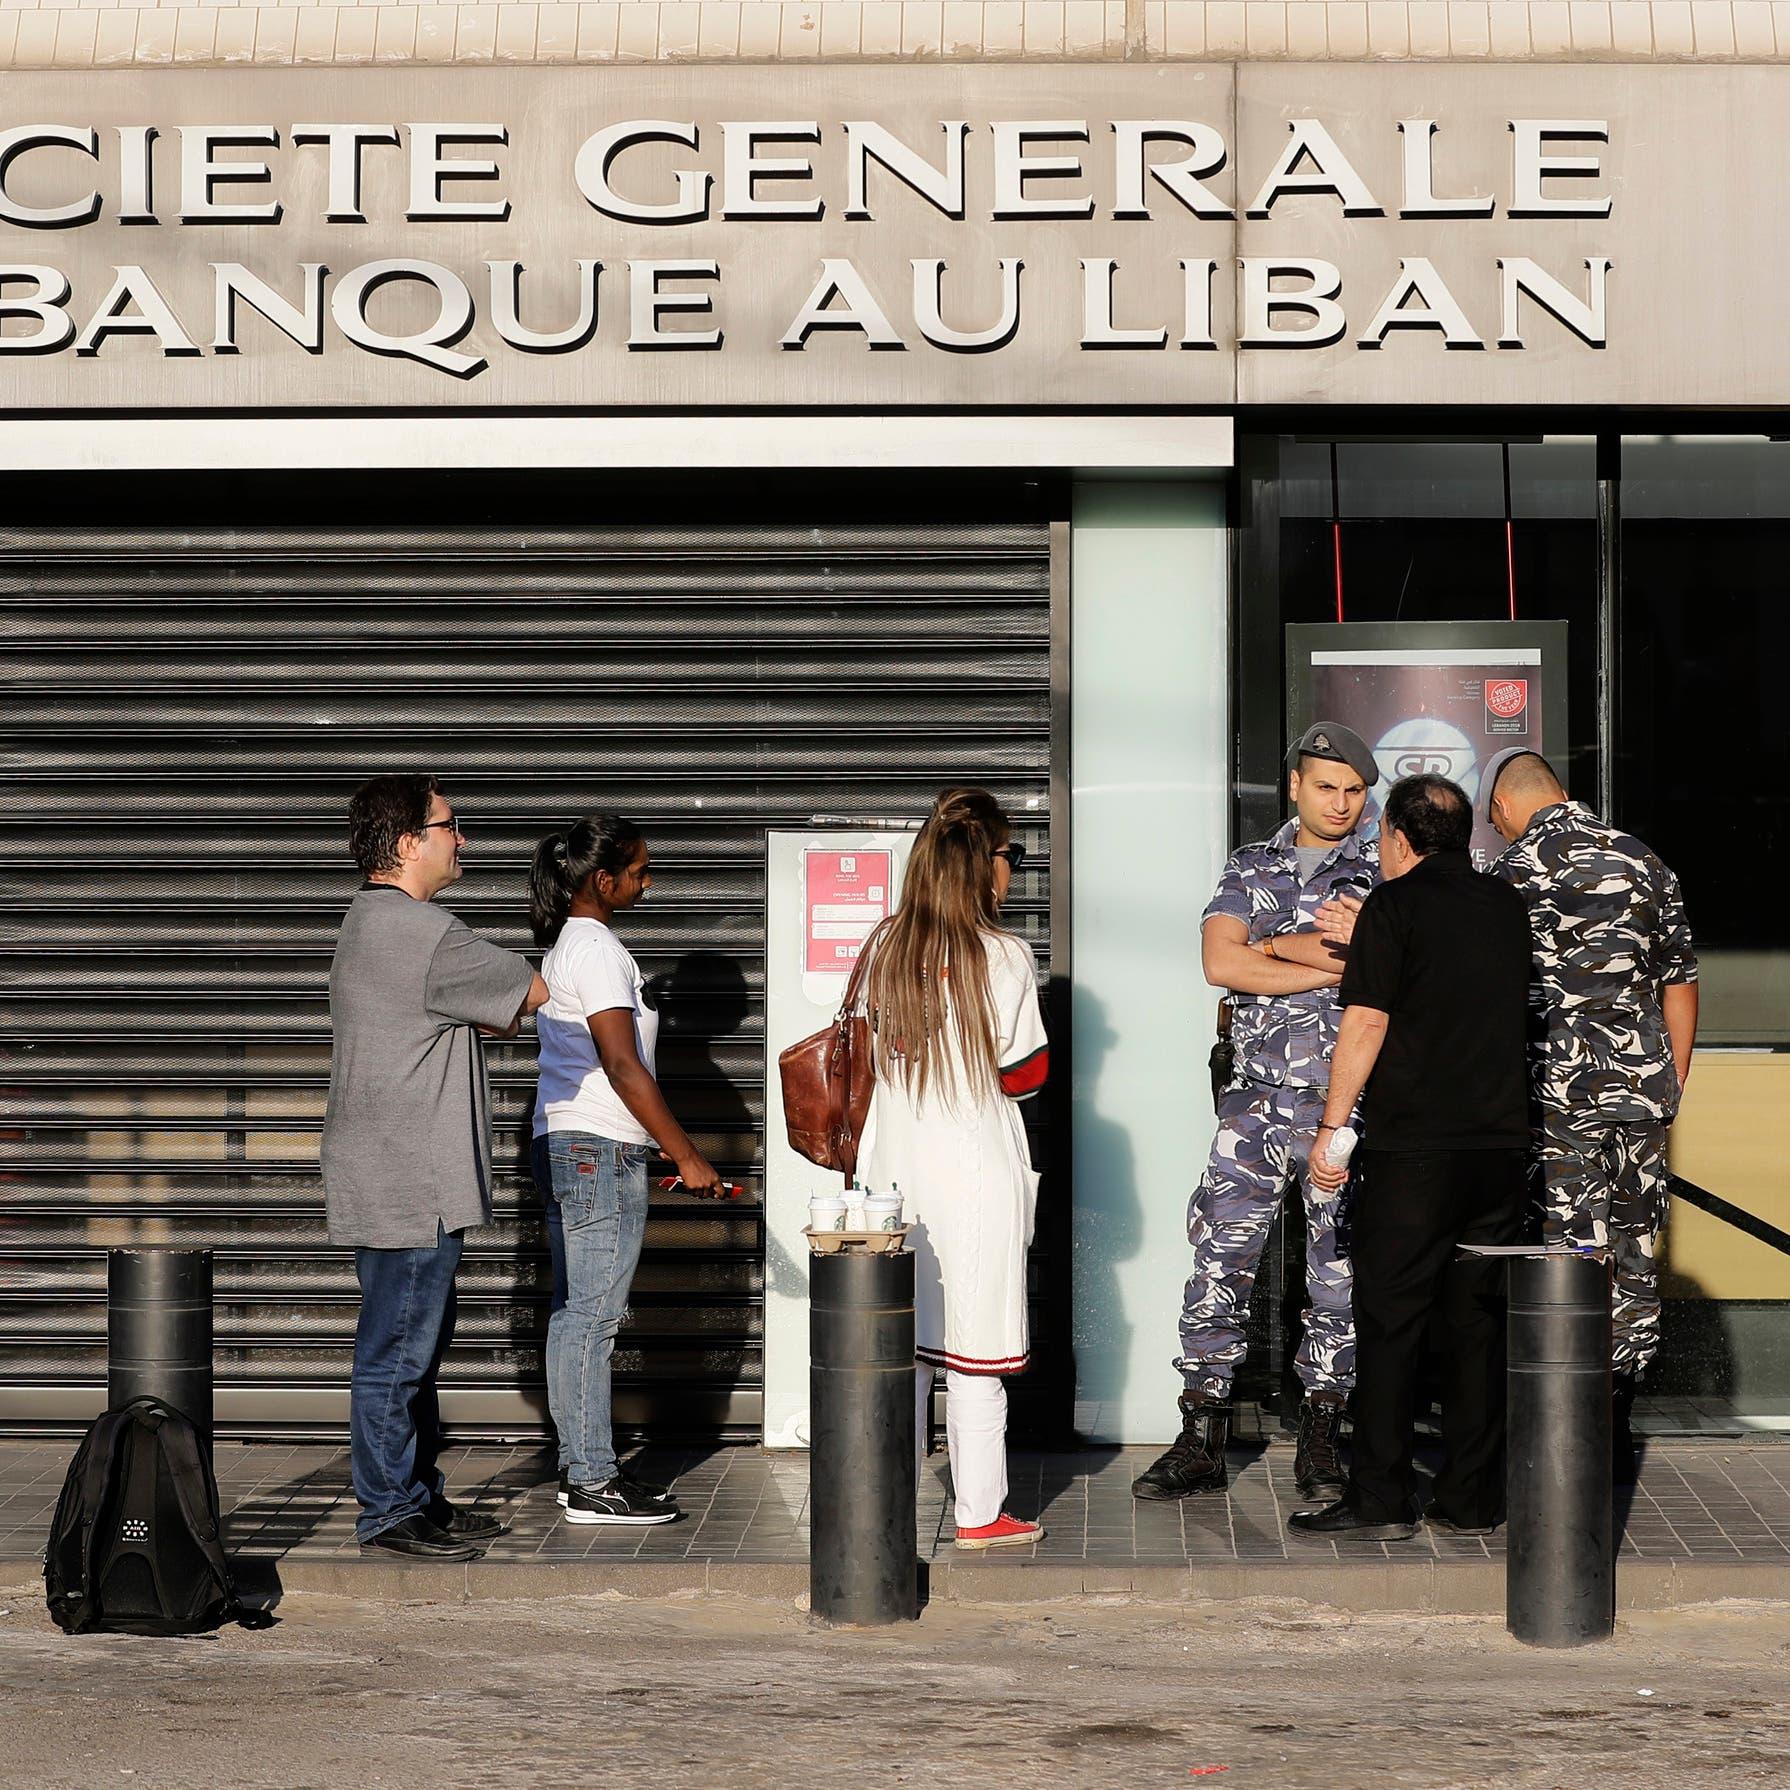 البلد على حافة الهاوية.. هل تبخرت أموال اللبنانيين؟